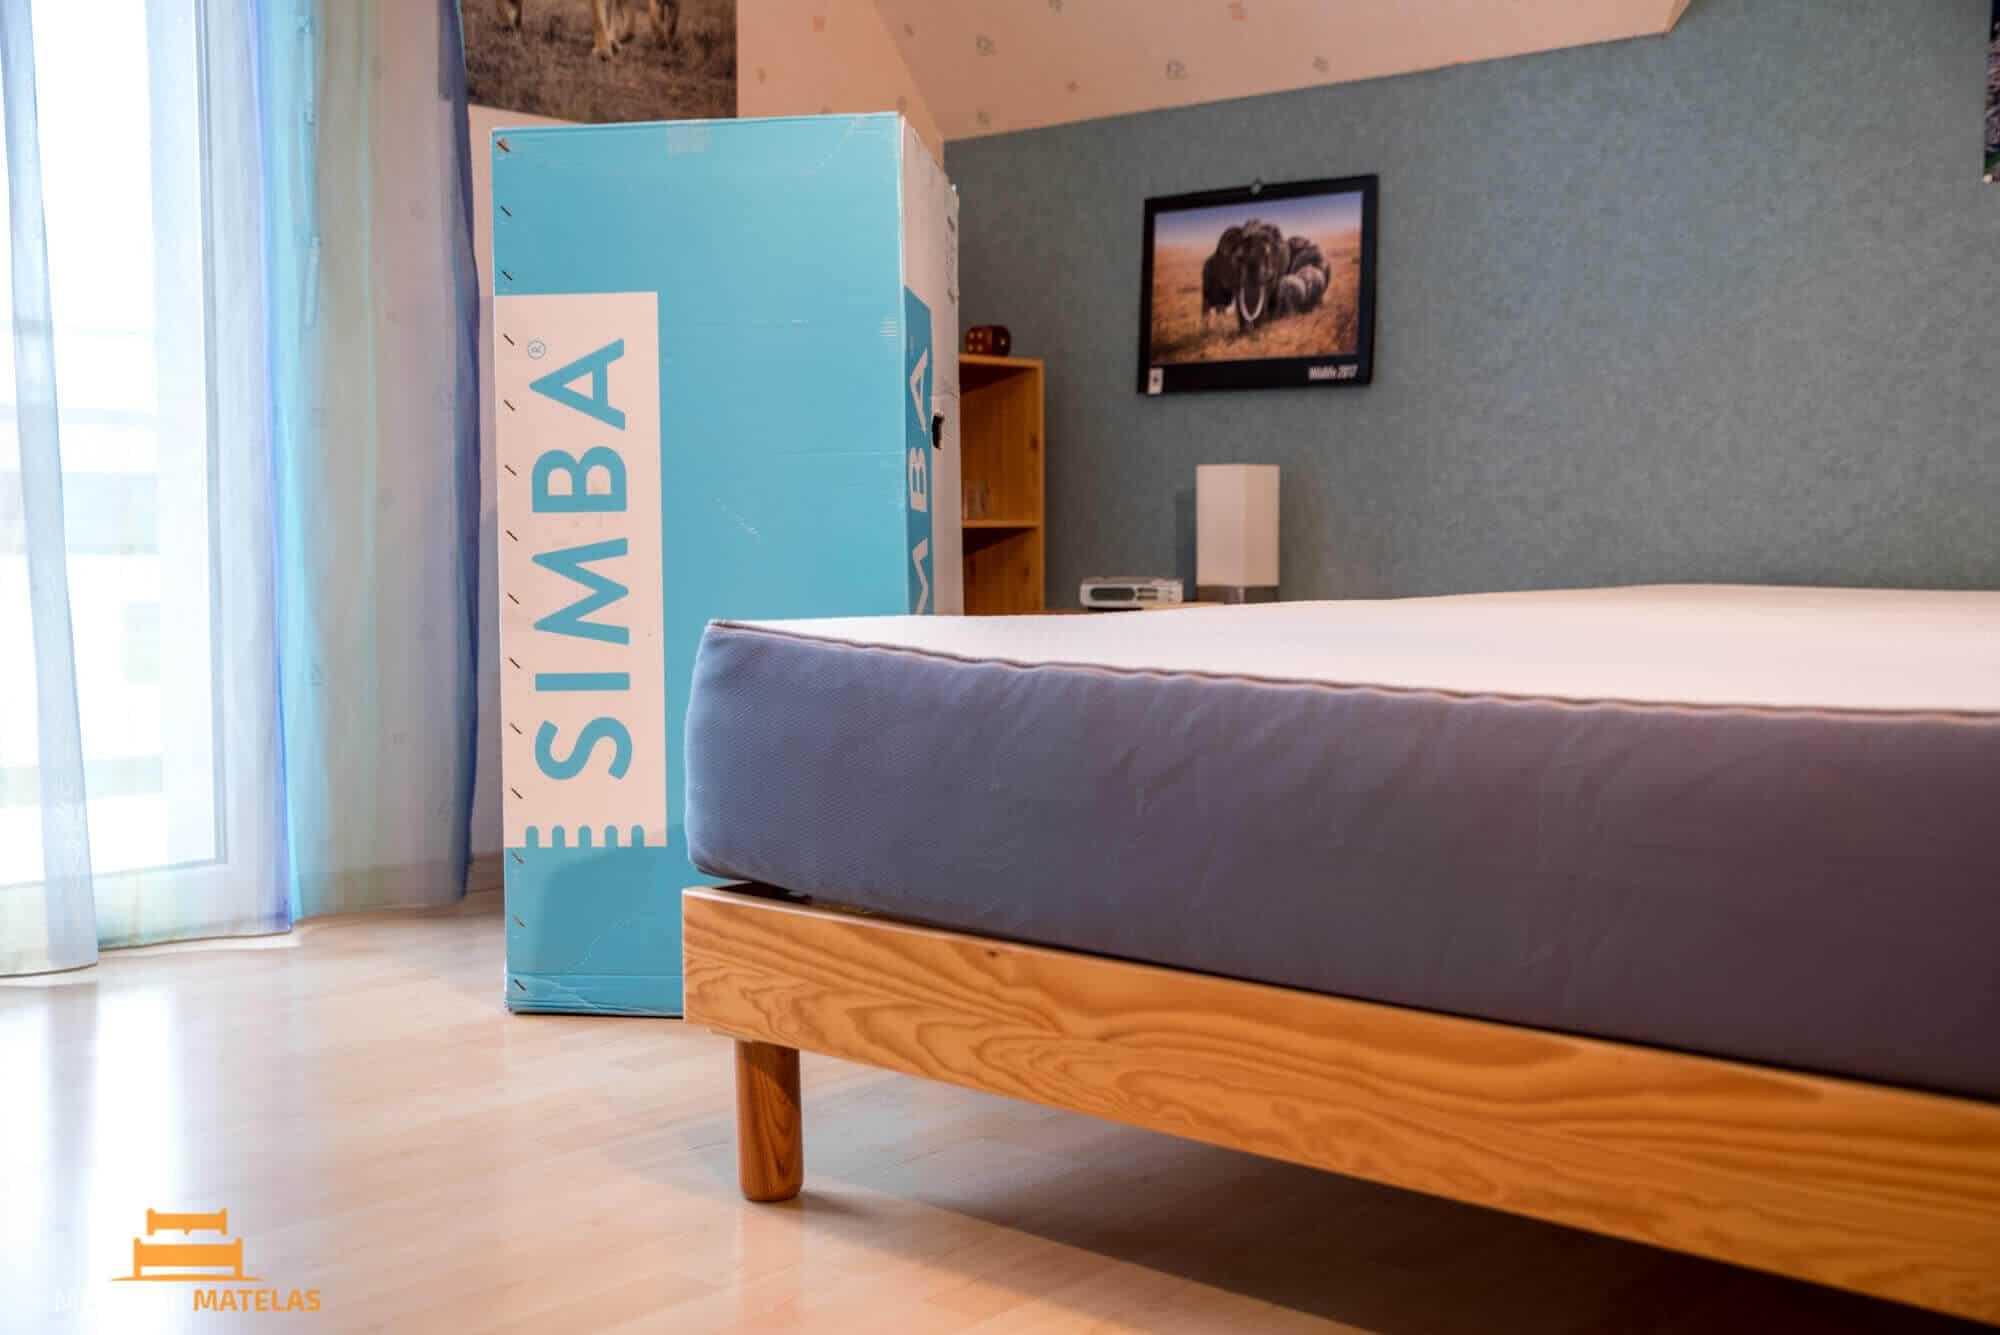 avis matelas simba notre avis et test complet sur le matelas meilleur matelas. Black Bedroom Furniture Sets. Home Design Ideas